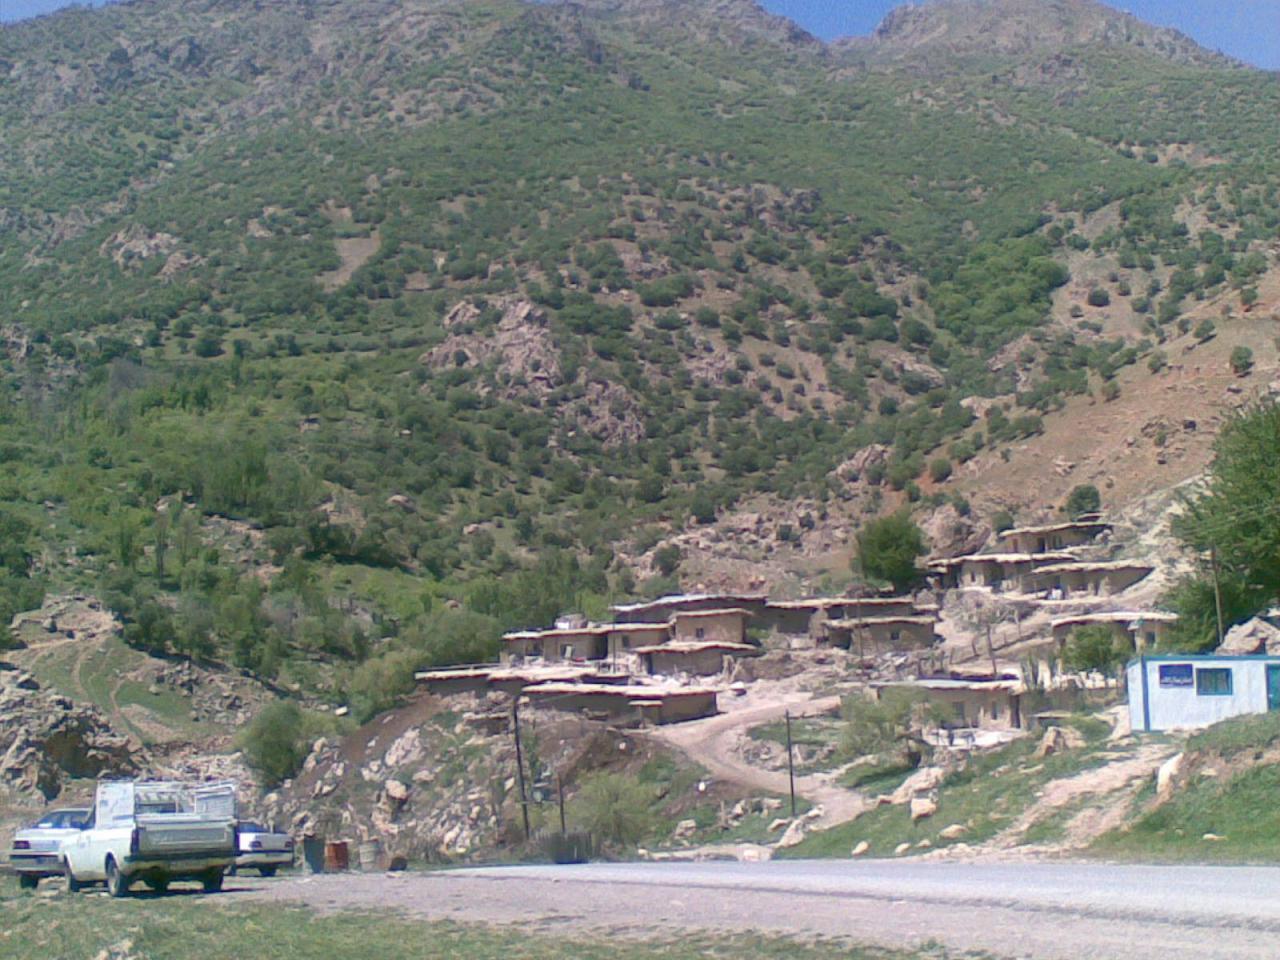 روستای لنج آباد و آب بید در دامنه های پریز و قارون